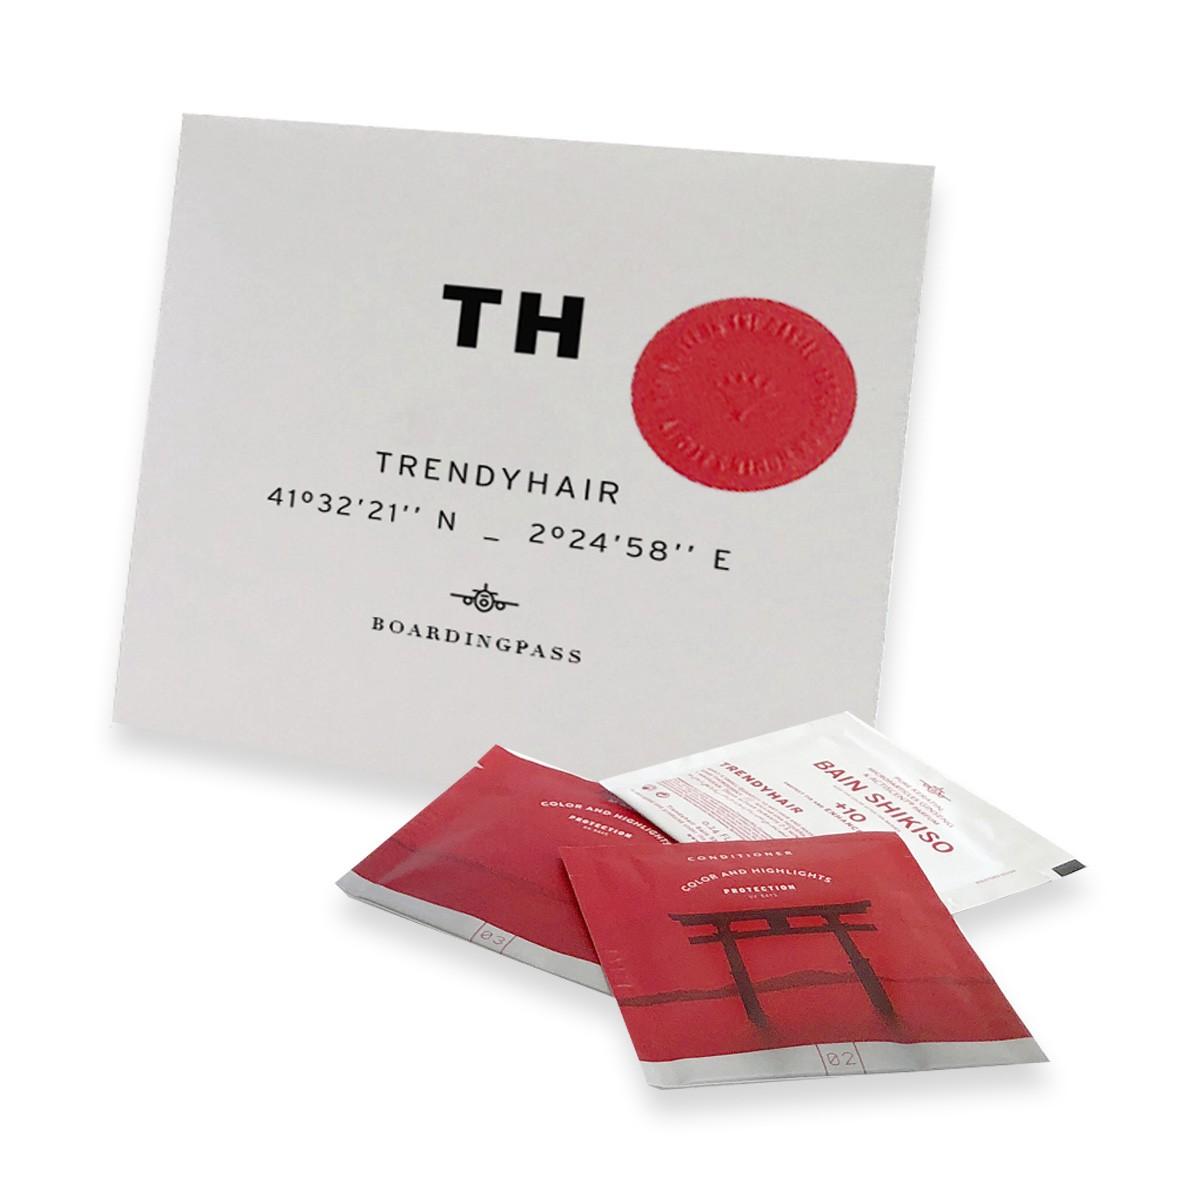 TRENDY HAIR Boarding Pass Shikiso - Zestaw Szampon 7ml + Odżywka 7ml + Maska 7ml